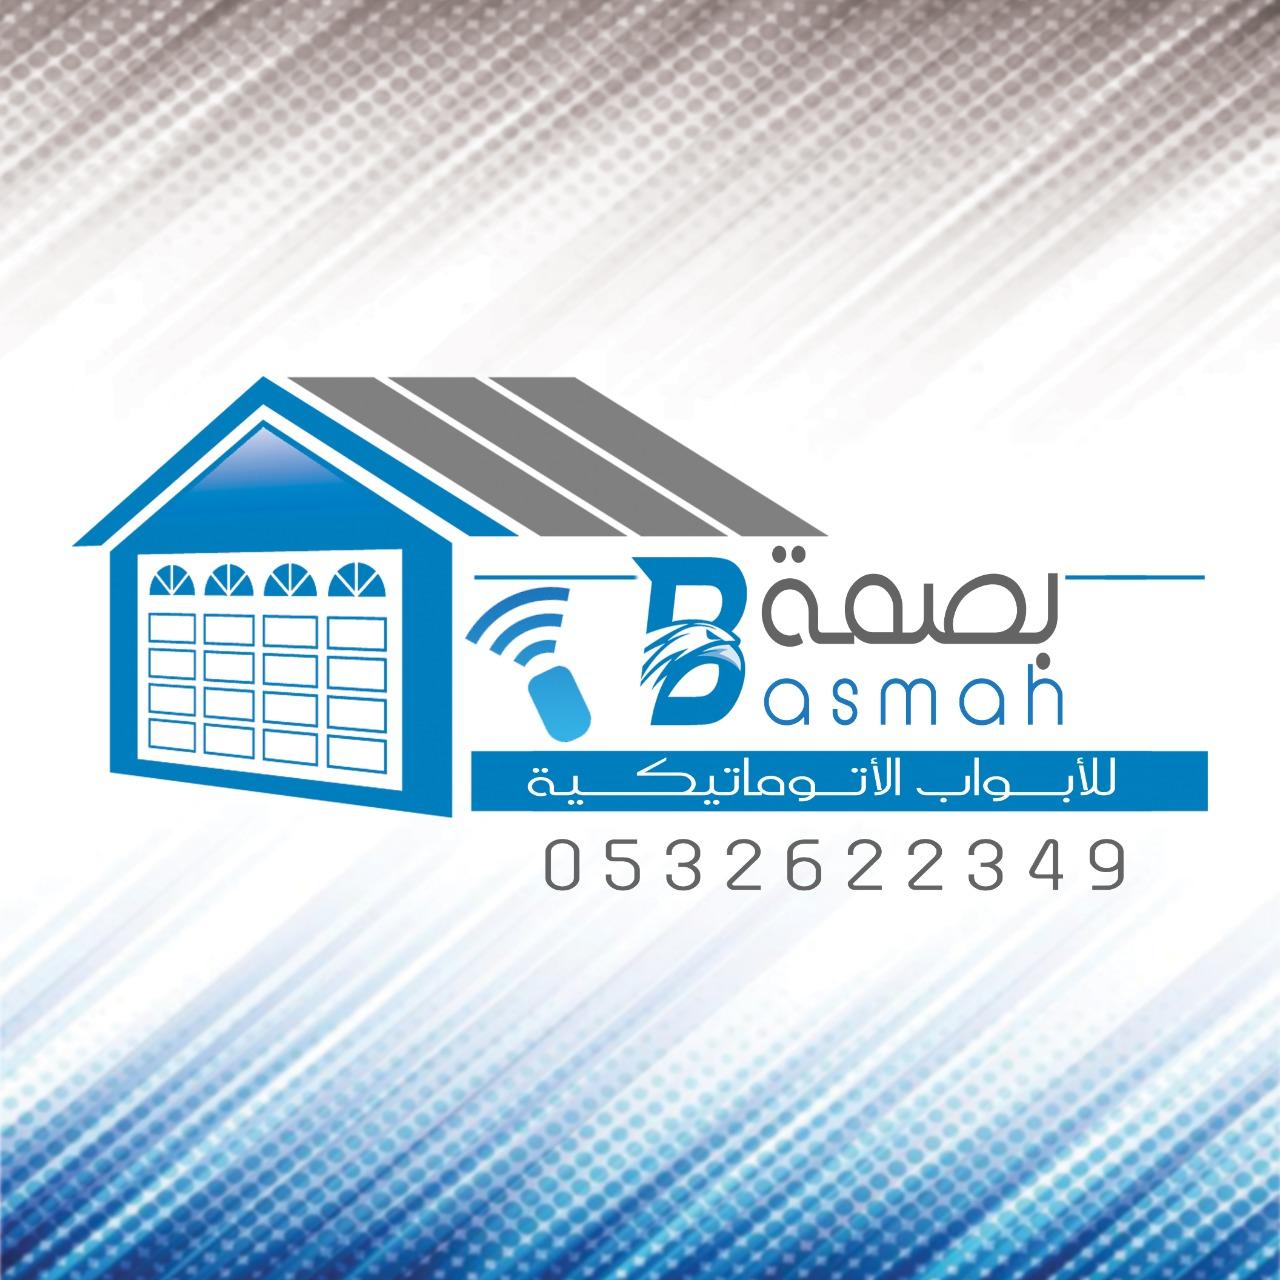 صيانه فوريه للابواب الكراج 0532622349